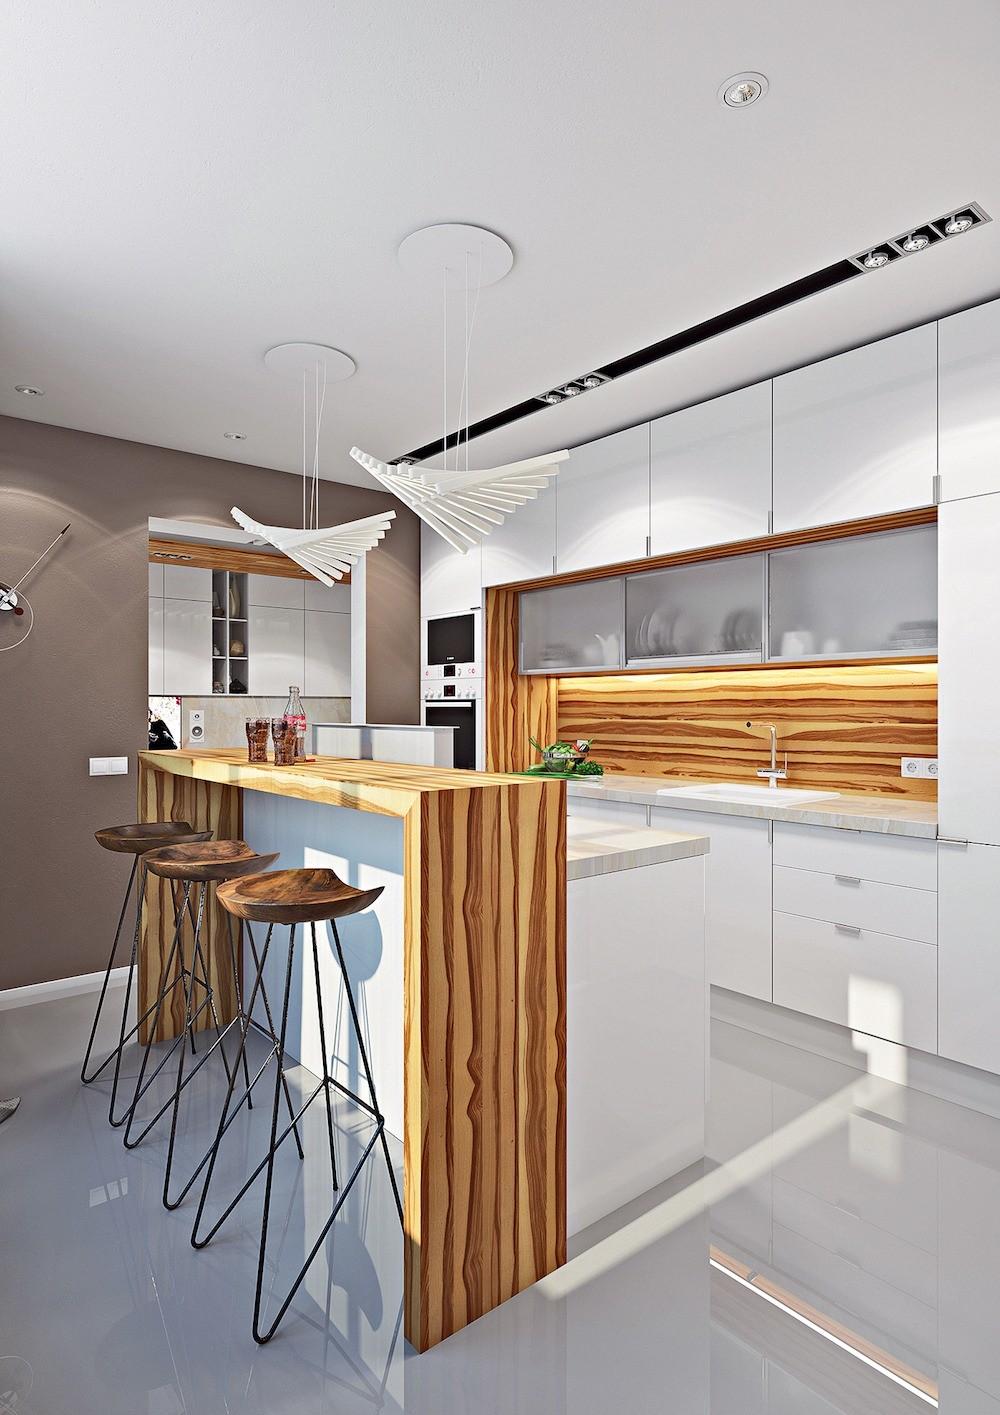 Дверные проёмы между прихожей, гостиной и кухней расширяются, аодин смещается, что позволяет визуально объединить помещения. На утеплённом балконе оборудуется кабинет. Проблема хранения...